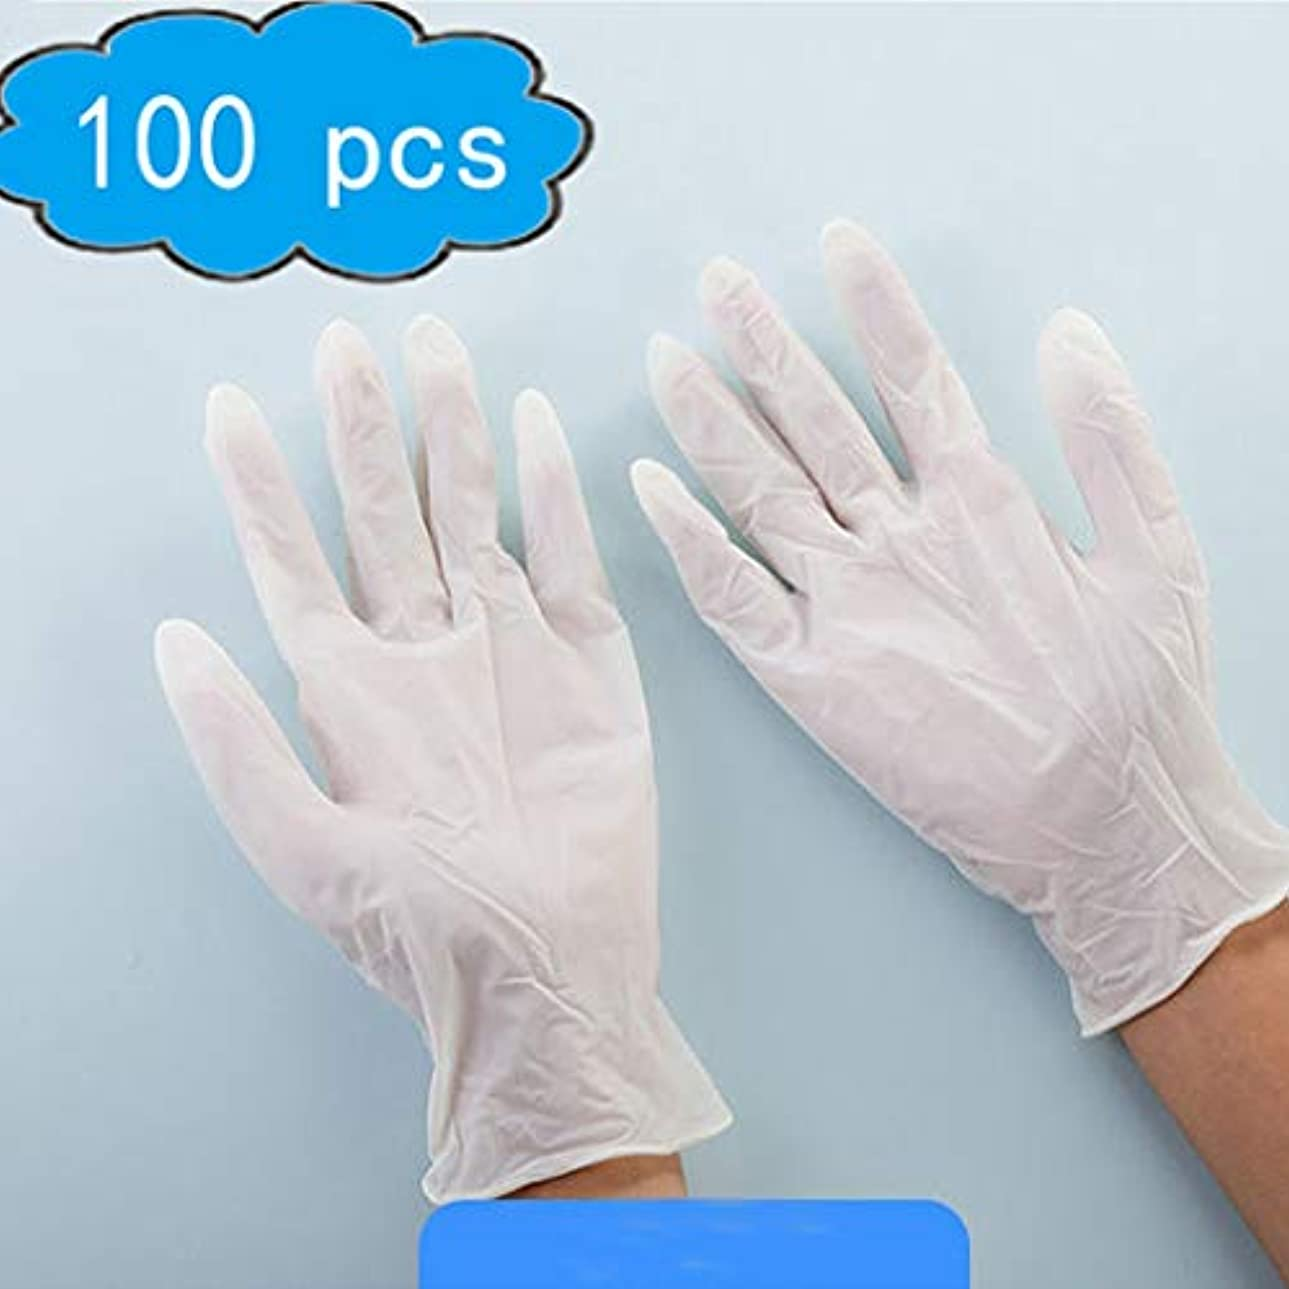 せがむ代替層使い捨て手袋、厚手版、白い粉のない使い捨てニトリル手袋[100パック] - 大、サニタリー手袋、応急処置用品 (Color : White, Size : S)